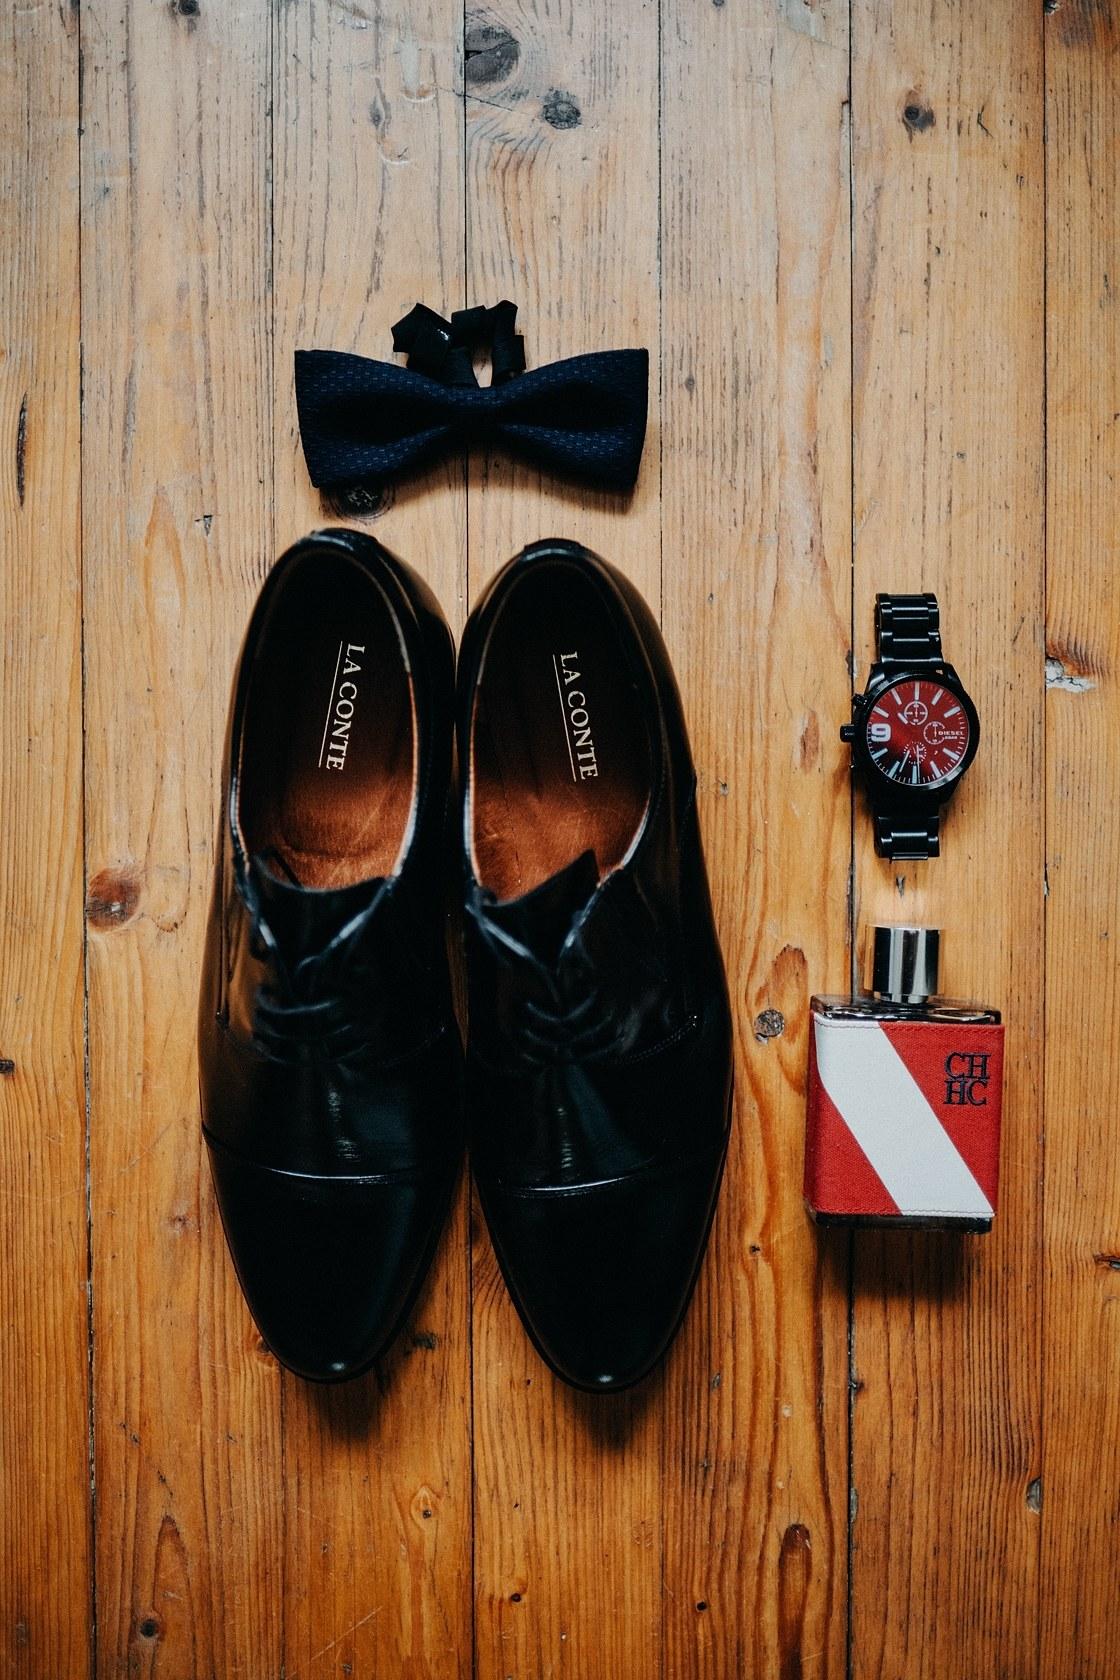 Vestuvinė fotosesija jaunojo pasiruošimas batai kvepalai varlytė laikrodis Vilnius Kaunas Klaipėda fotografas